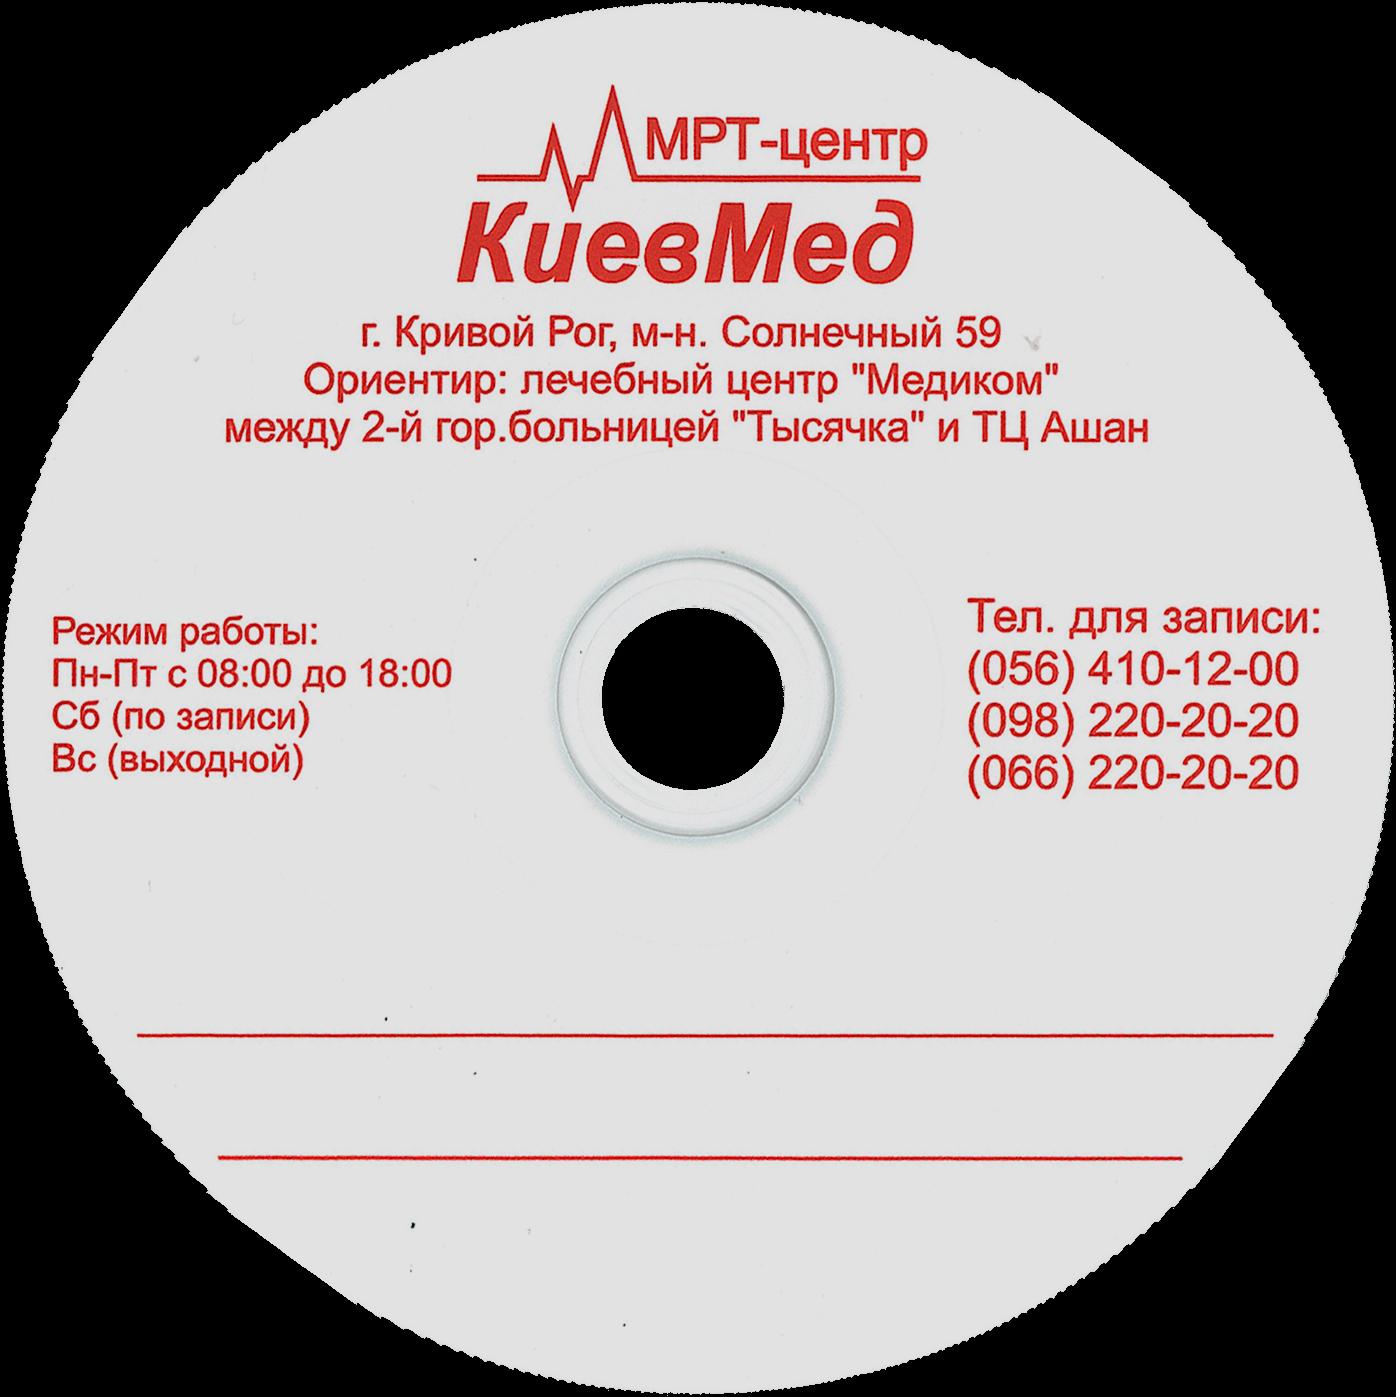 Киевский МРТ-центр «КиевМед»